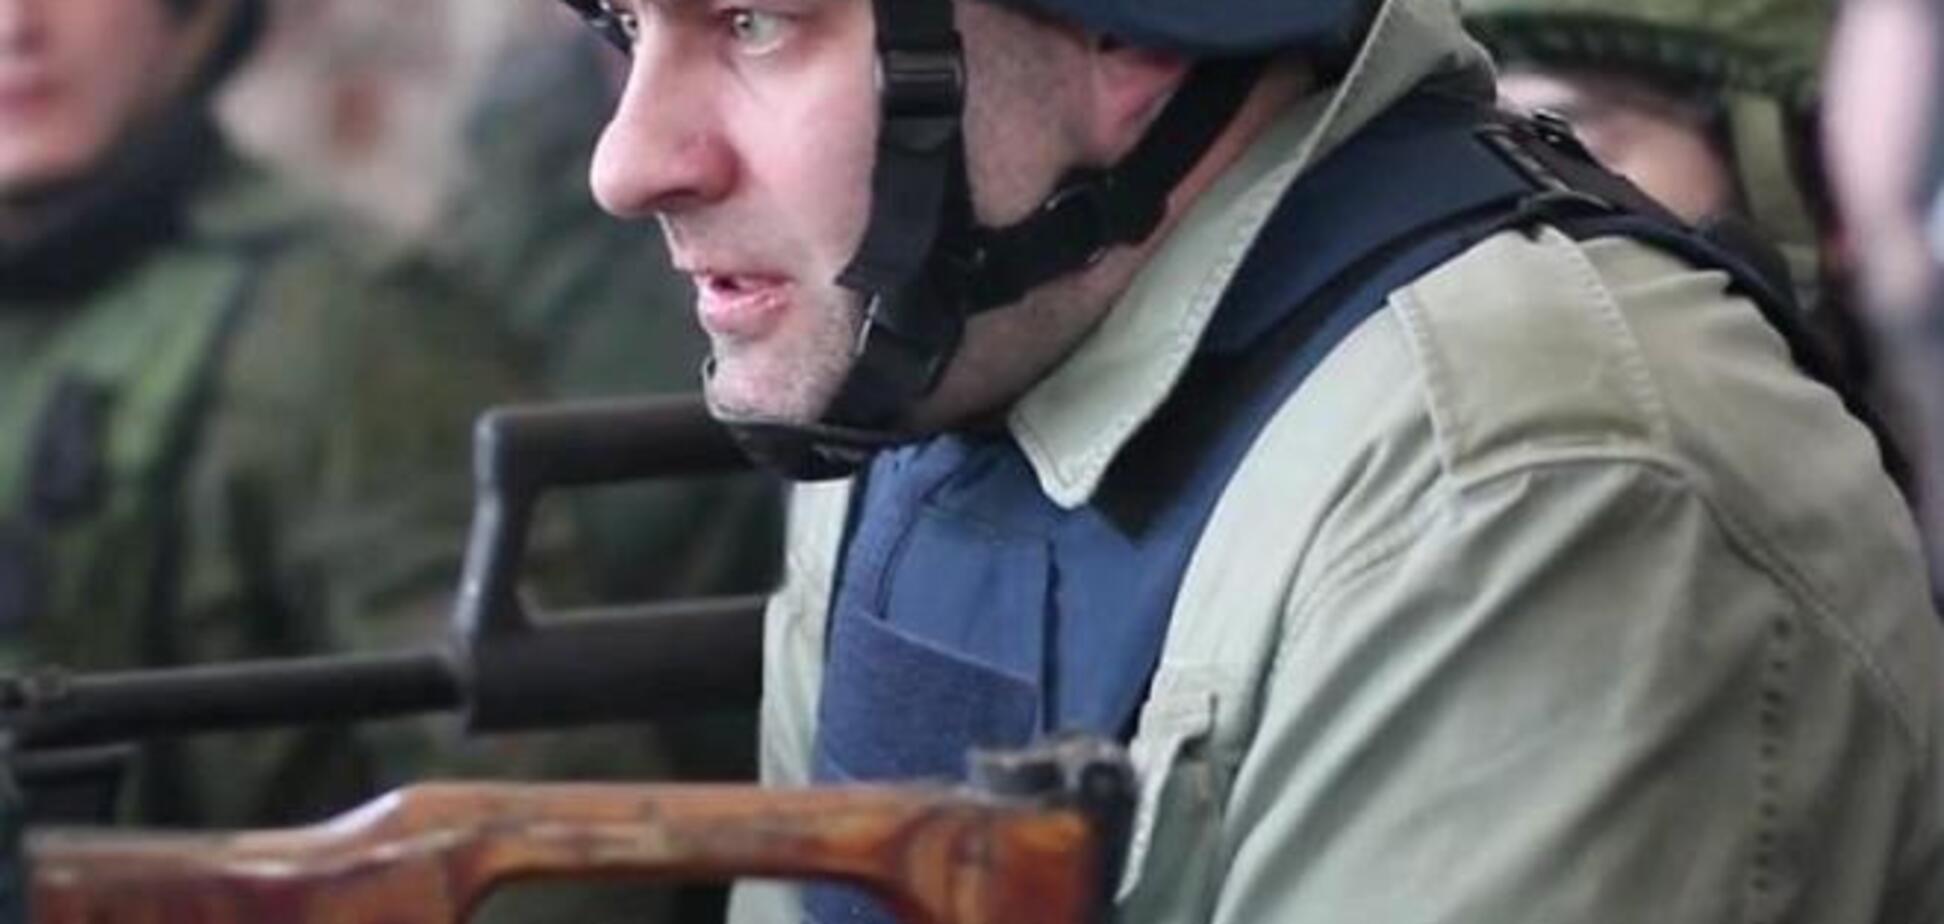 Пореченков в Донецке устроил сафари с расстрелом мирных жителей - СБУ